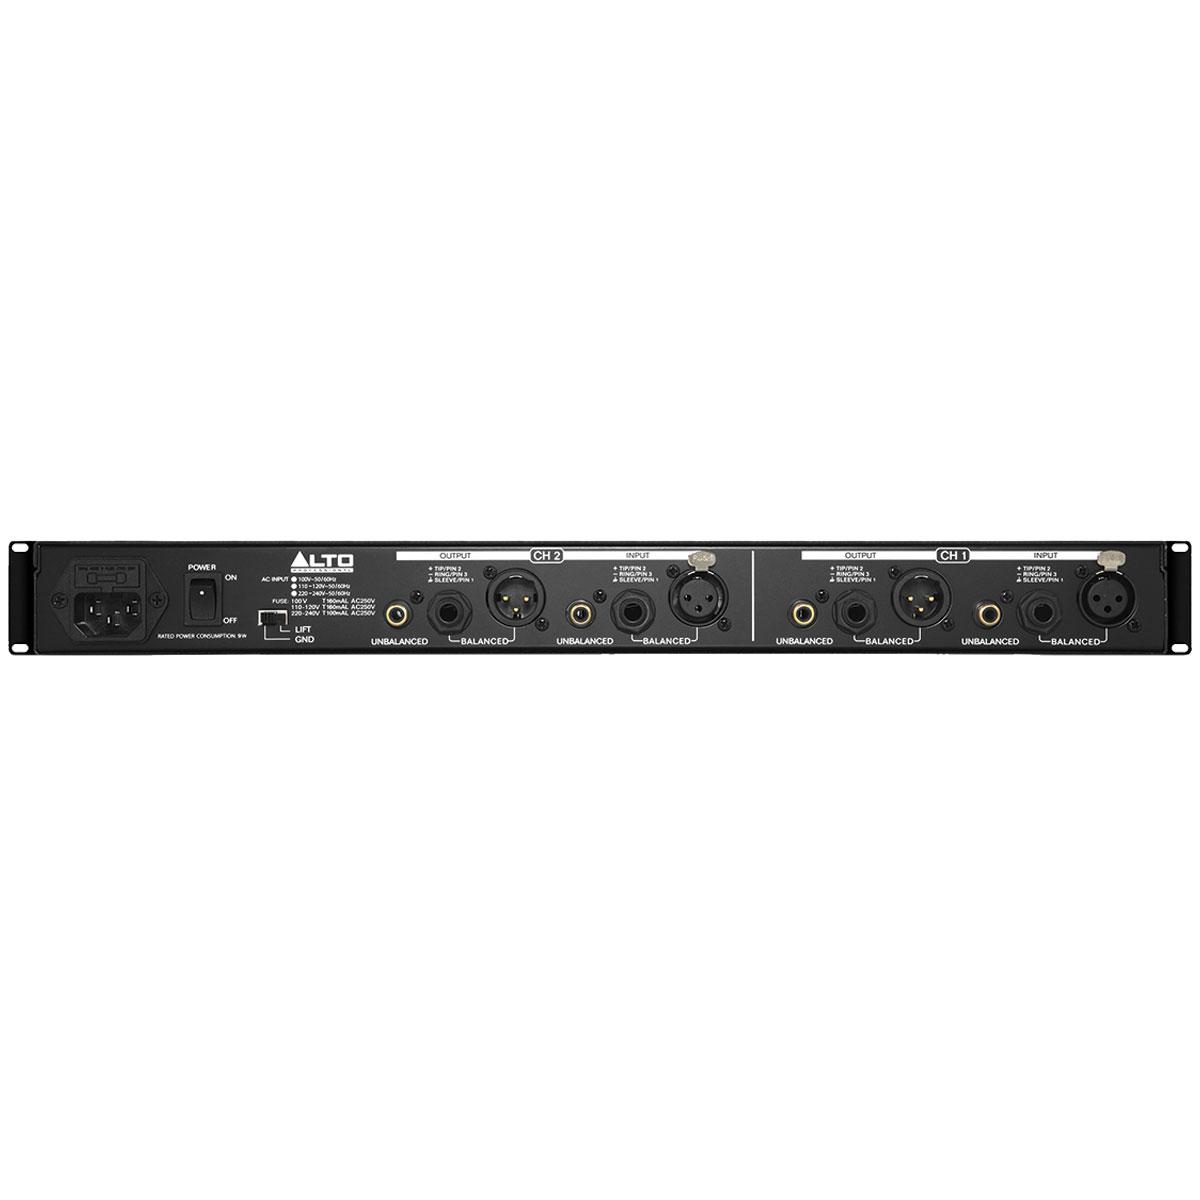 AEQ215 - Equalizador Gr�fico 15 Bandas AEQ 215 - Alto